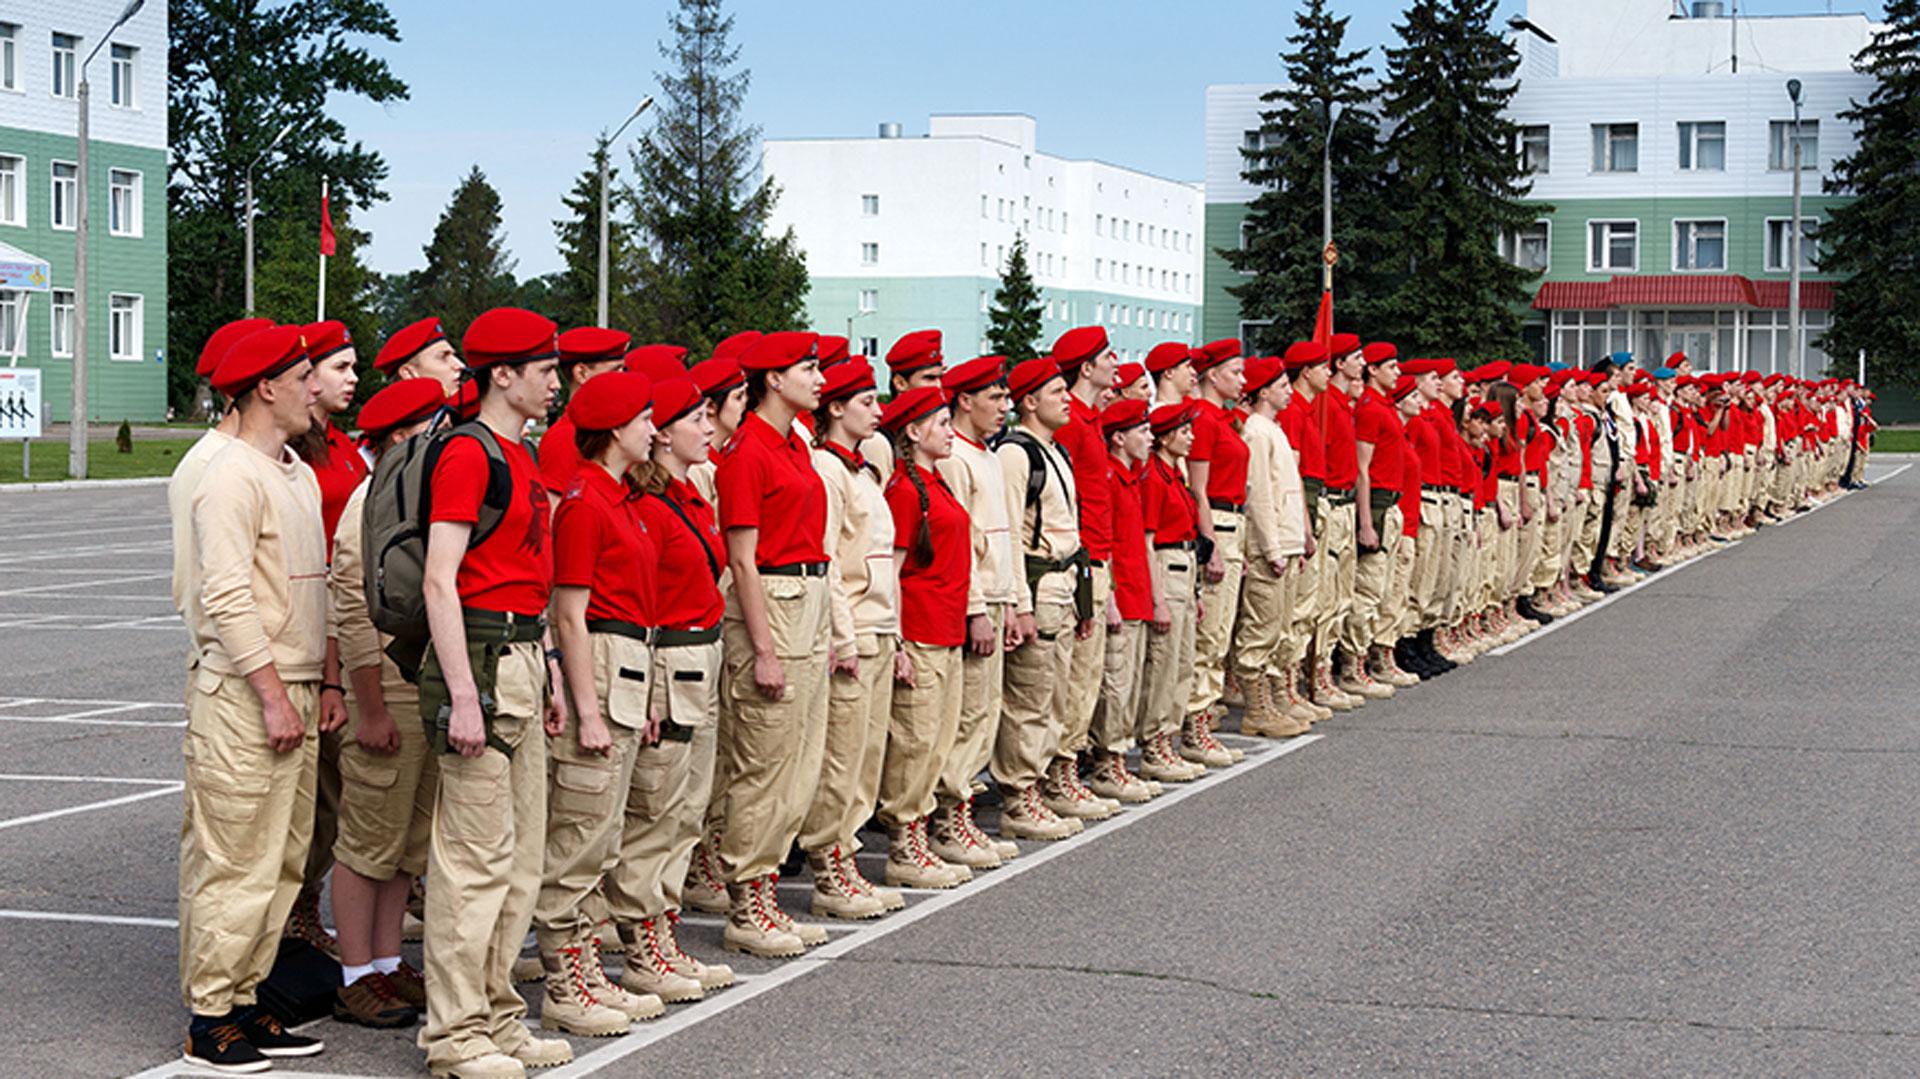 Desde el Ministerio de Defensa rechazaron las acusaciones y aseguran que estos jóvenes son el futuro brillante de Rusia